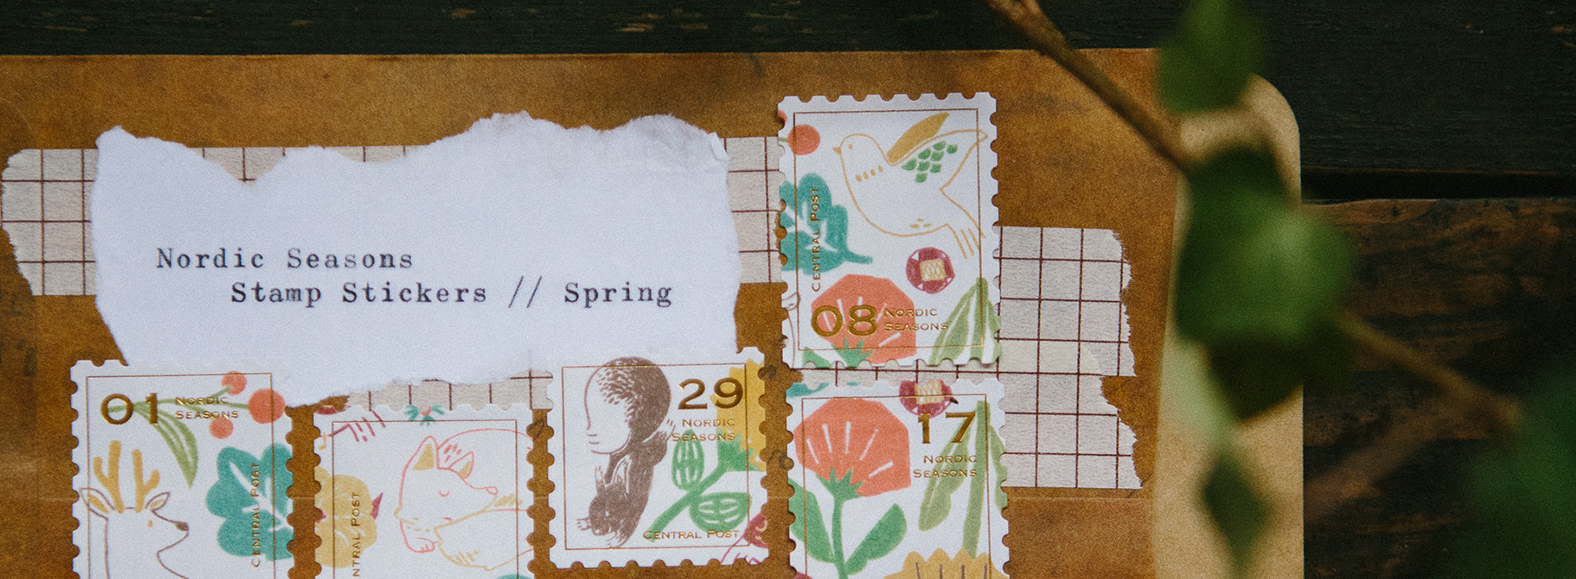 OURS 2018 春季新品 北歐四季 郵票貼紙